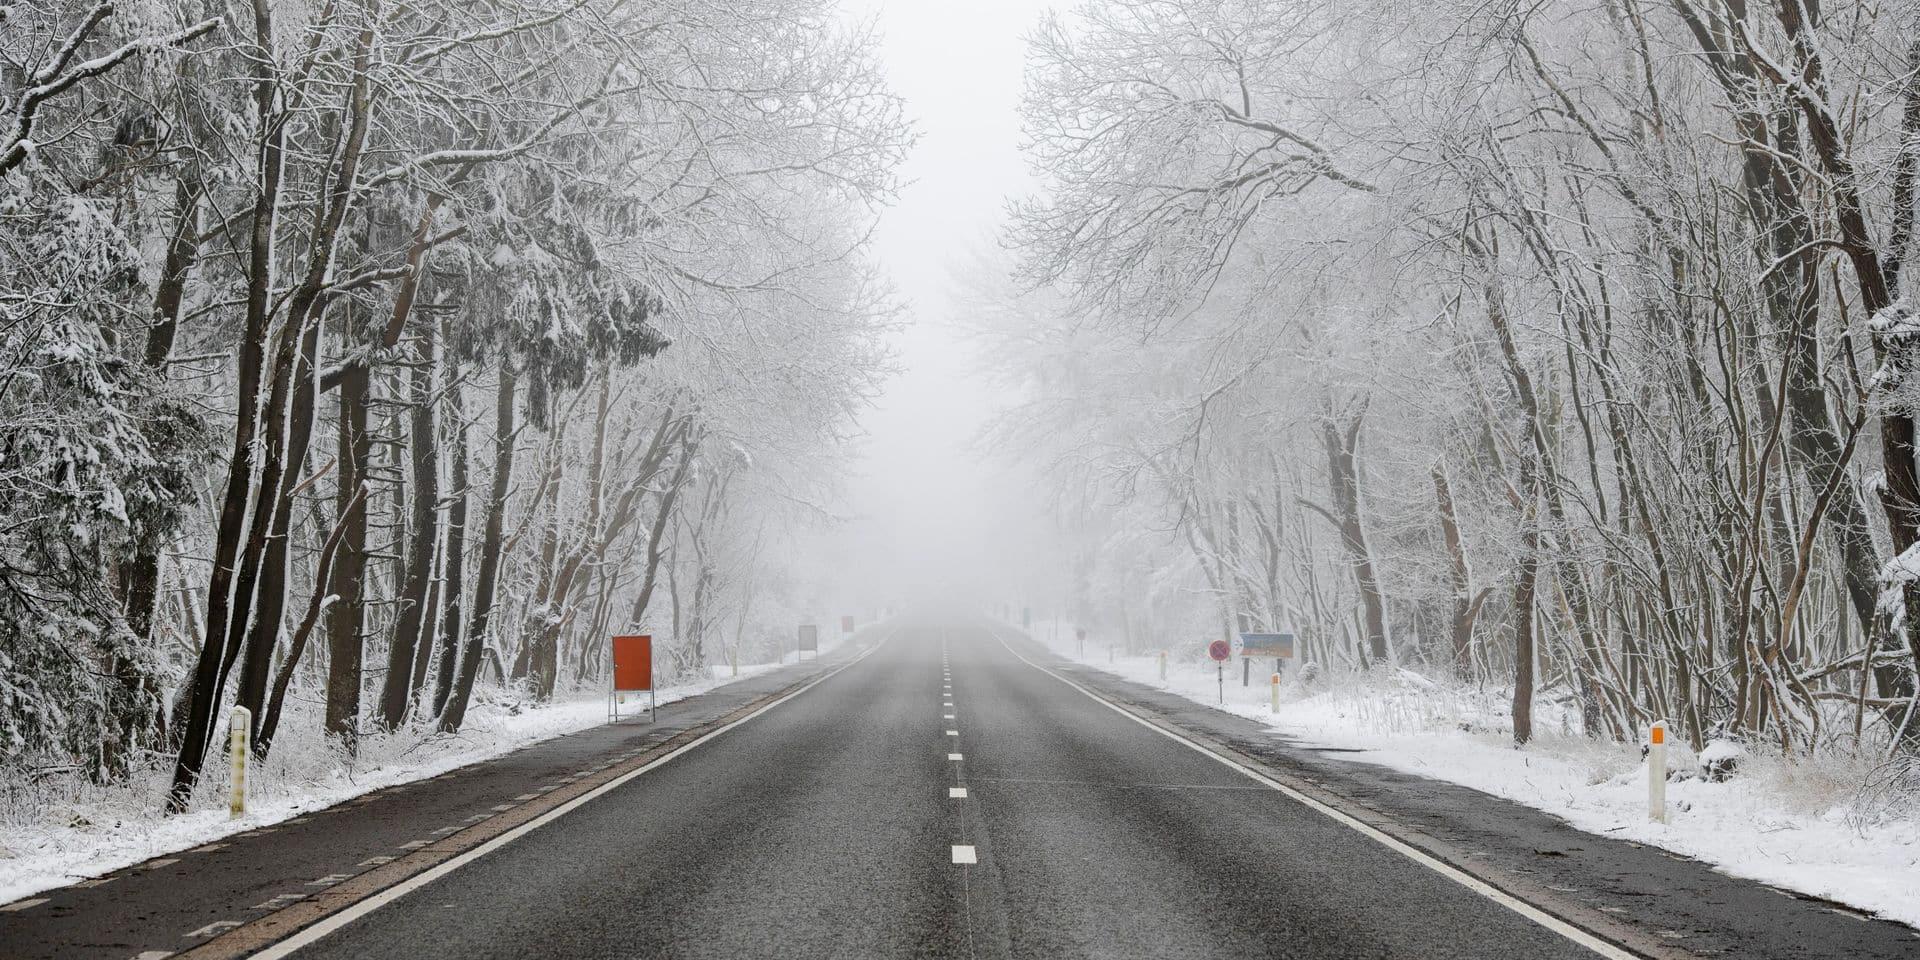 La neige provoque la pagaille sur les routes ce lundi, les transports publics également impactés